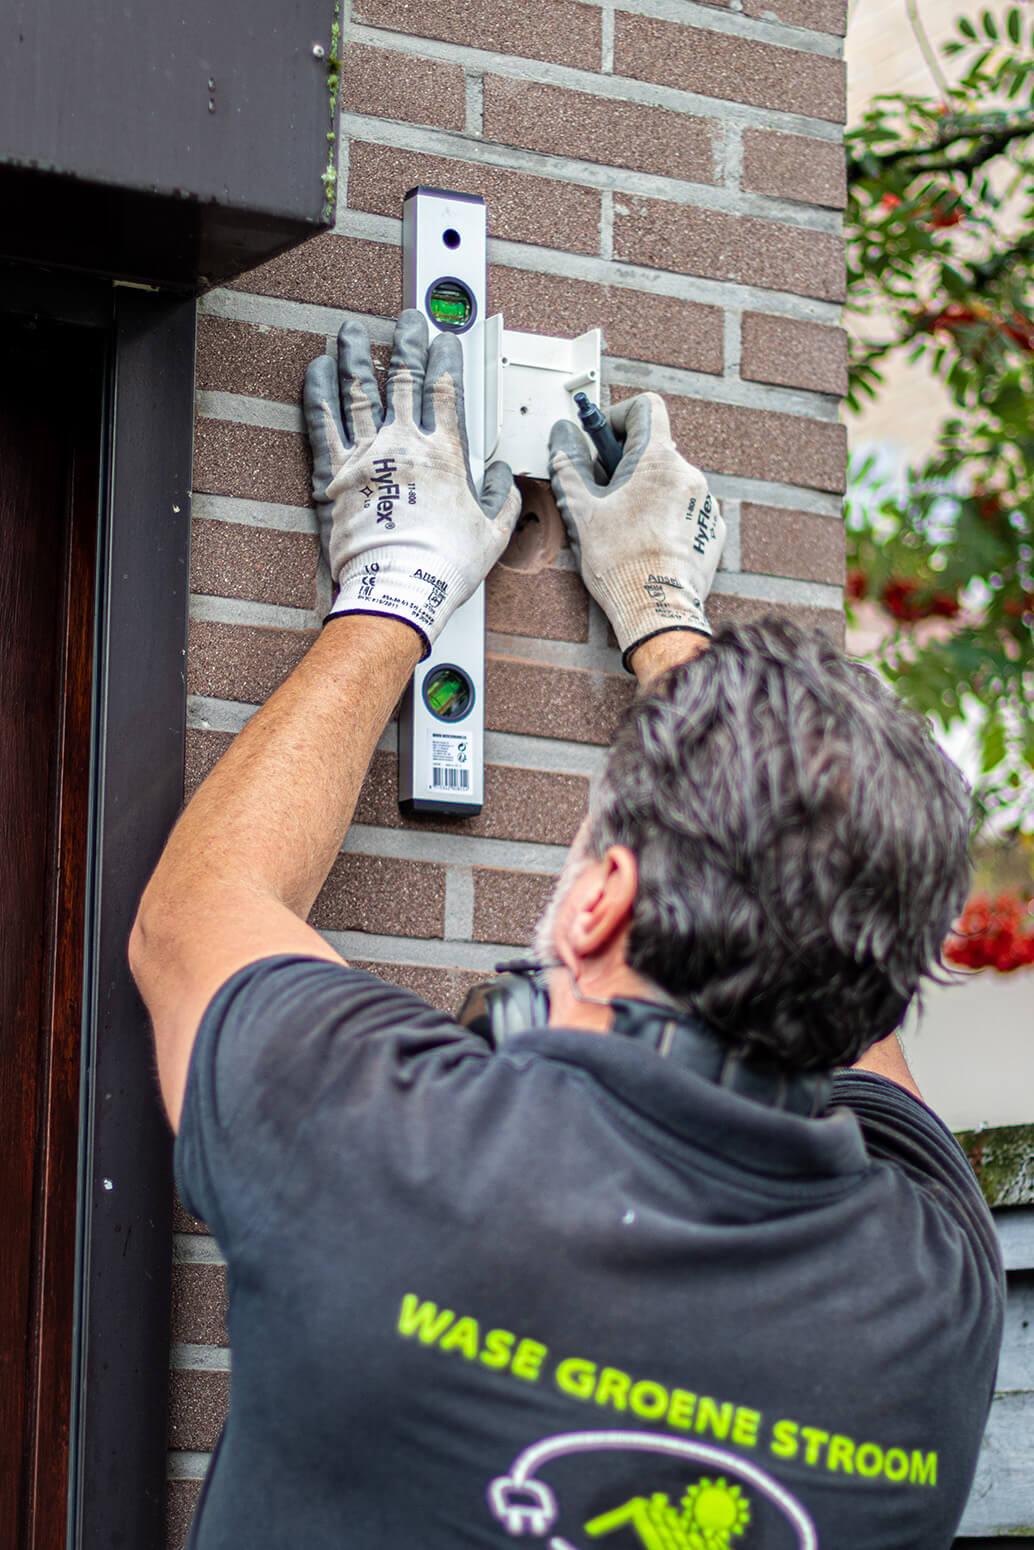 Thuisbatterij installateur zorgt voor een waterpas afwerking tegen de gevel.